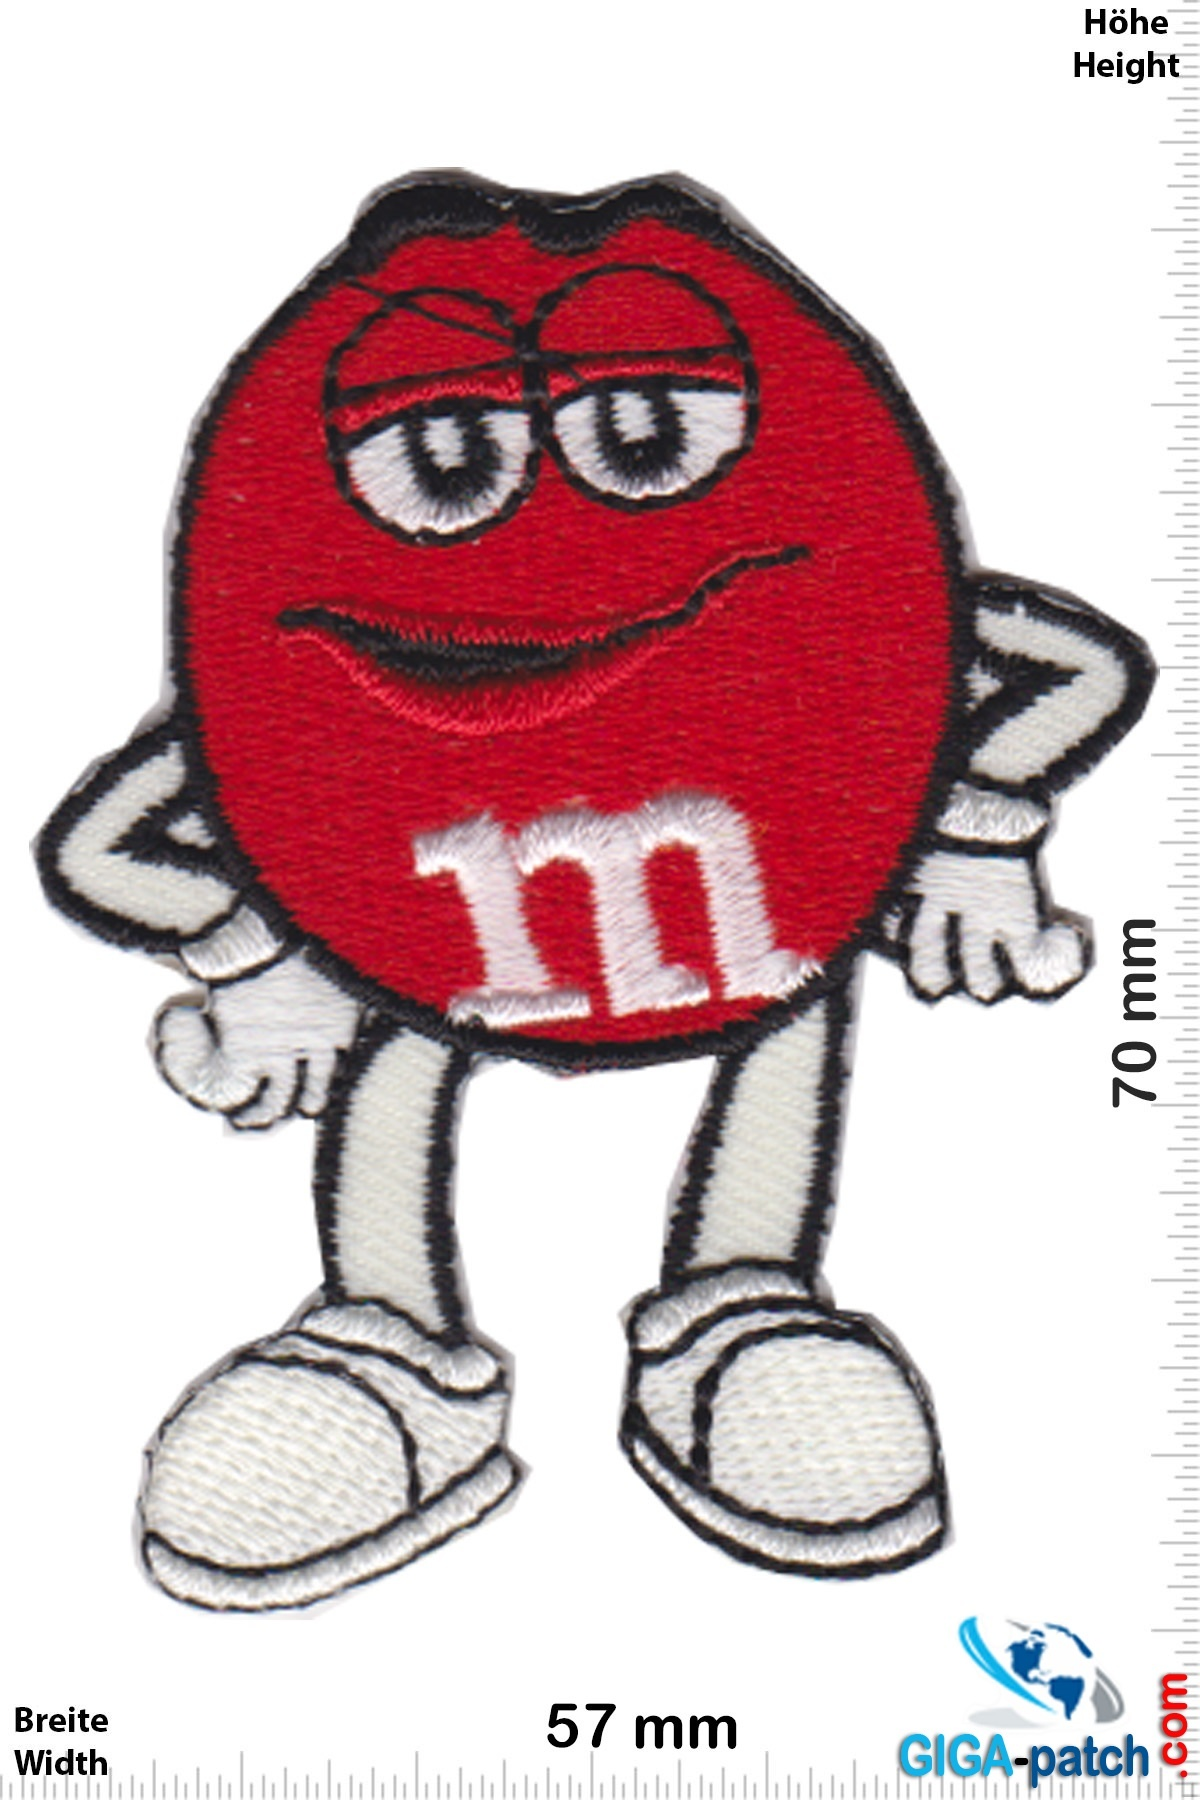 M&M's - red - Mars & Murrie's